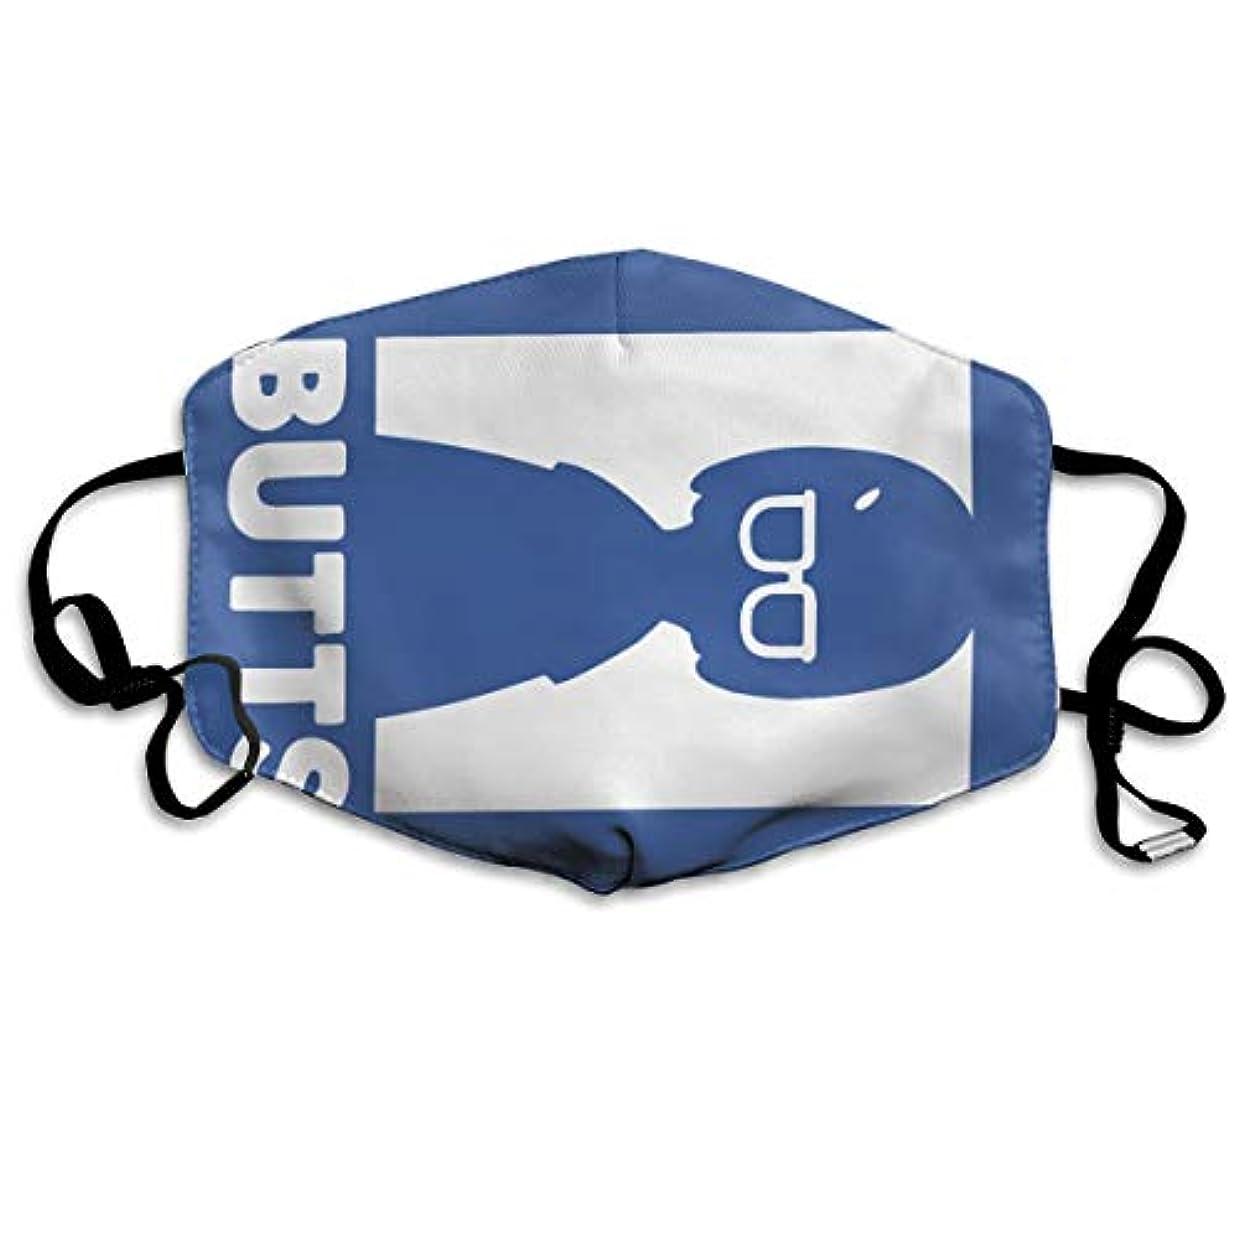 ミネラルスポーツの試合を担当している人嫌なマスク 青いメガネのキャラクター 立体構造マスク ファッションスタイル マスク ポリウレタン製 エアー マスク 肌荒れしない 風邪対応風邪予防 男女兼用